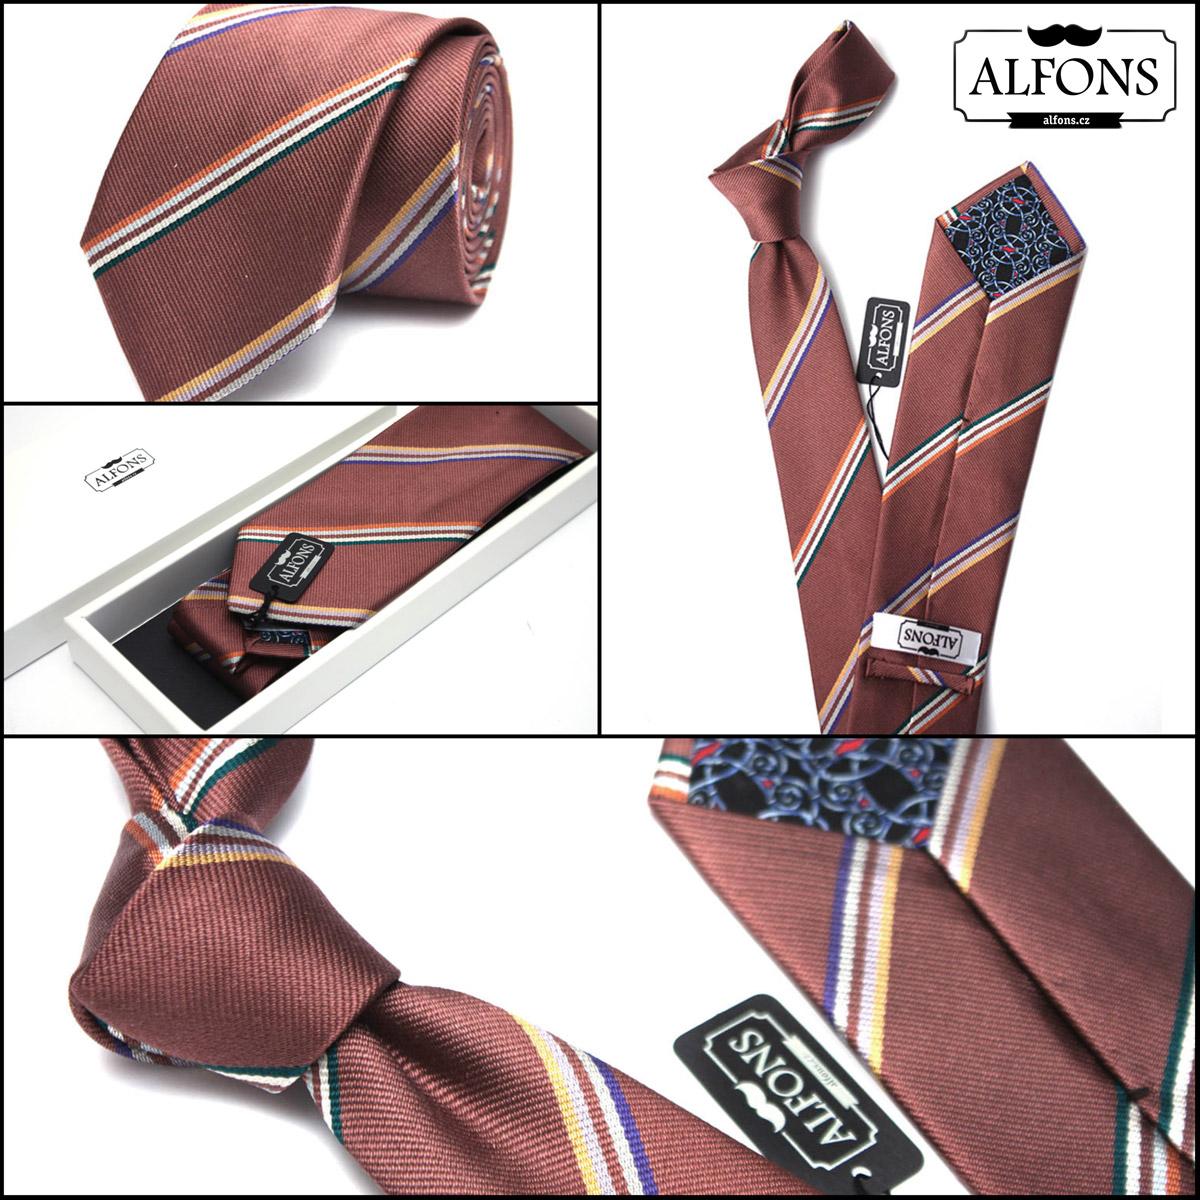 Nová pánská móda fandí kravatám s tradičními vzory kombinované do netradičních outfitů. (Kravatu s proužky koupíte v e-shopu Alfons.cz.)